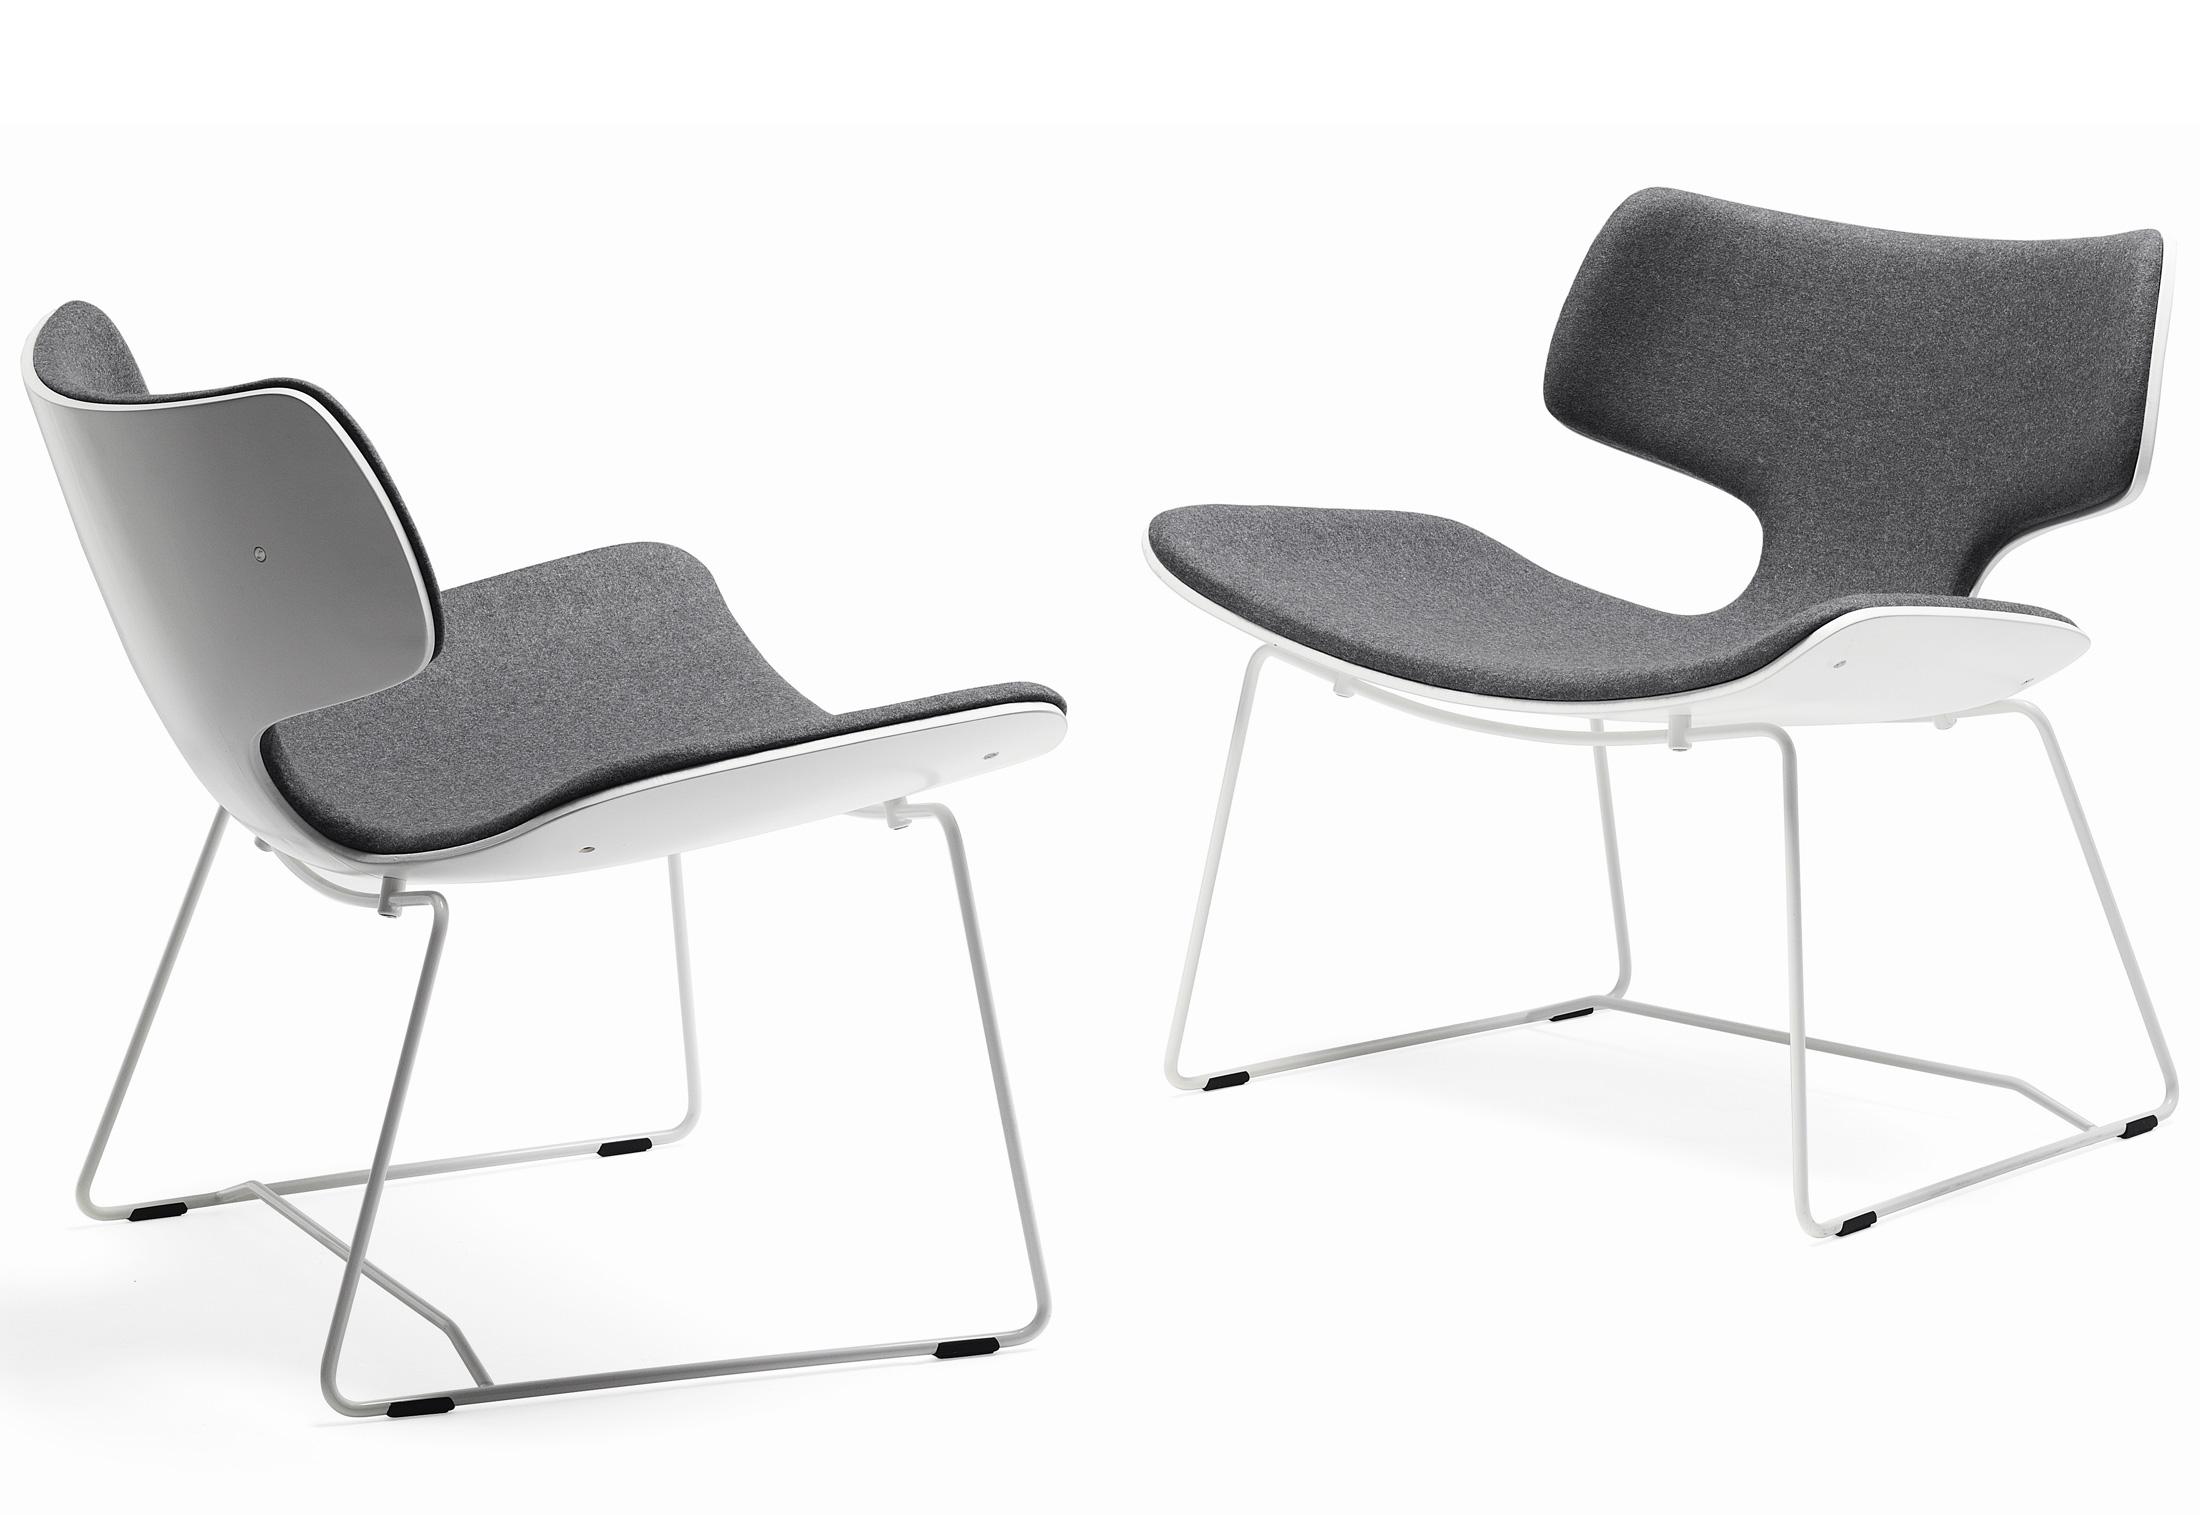 Bone stuhl mit kufen von materia stylepark for Stuhl mit kufen